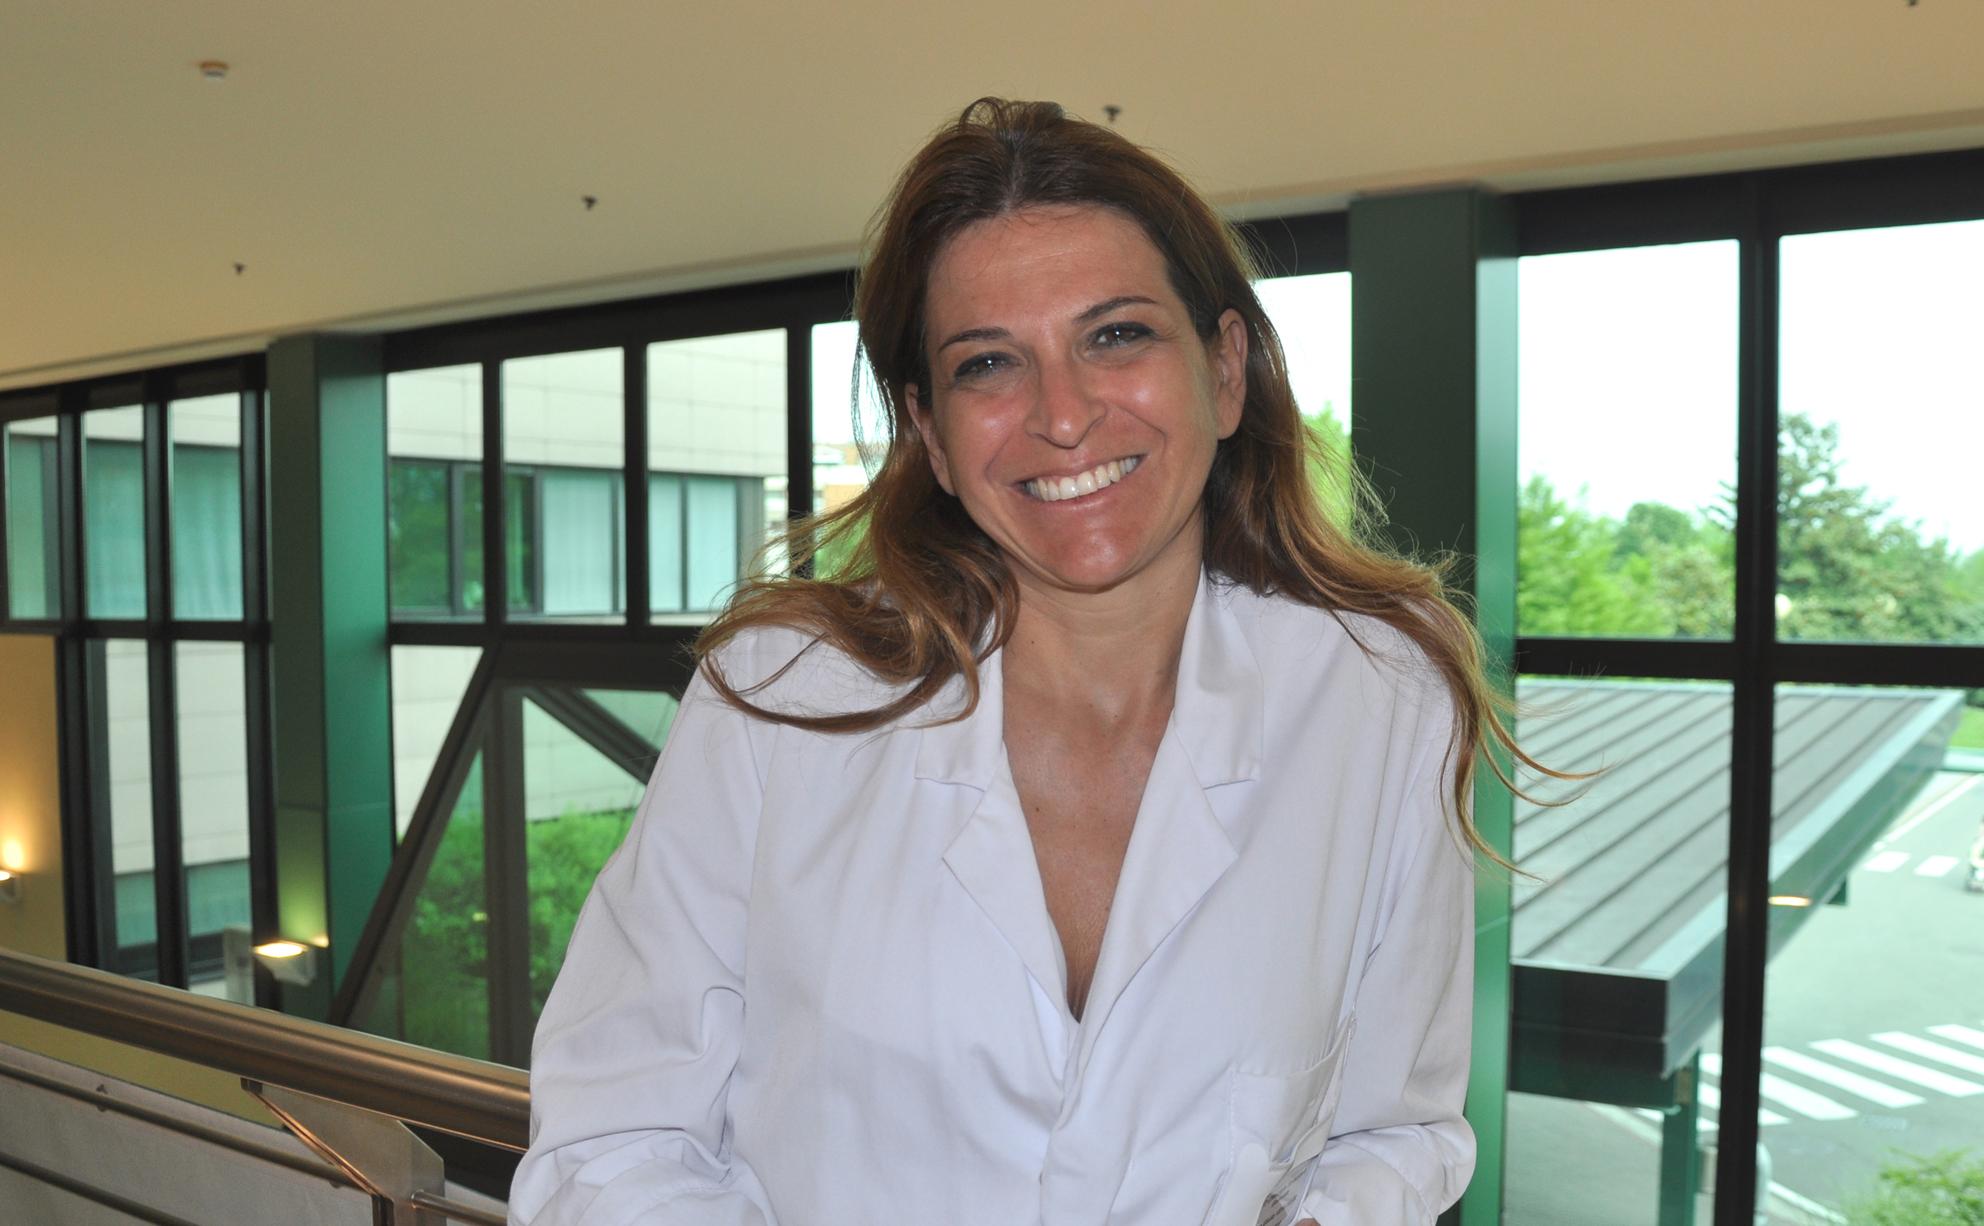 Giulia Veronese - Robotic surgery